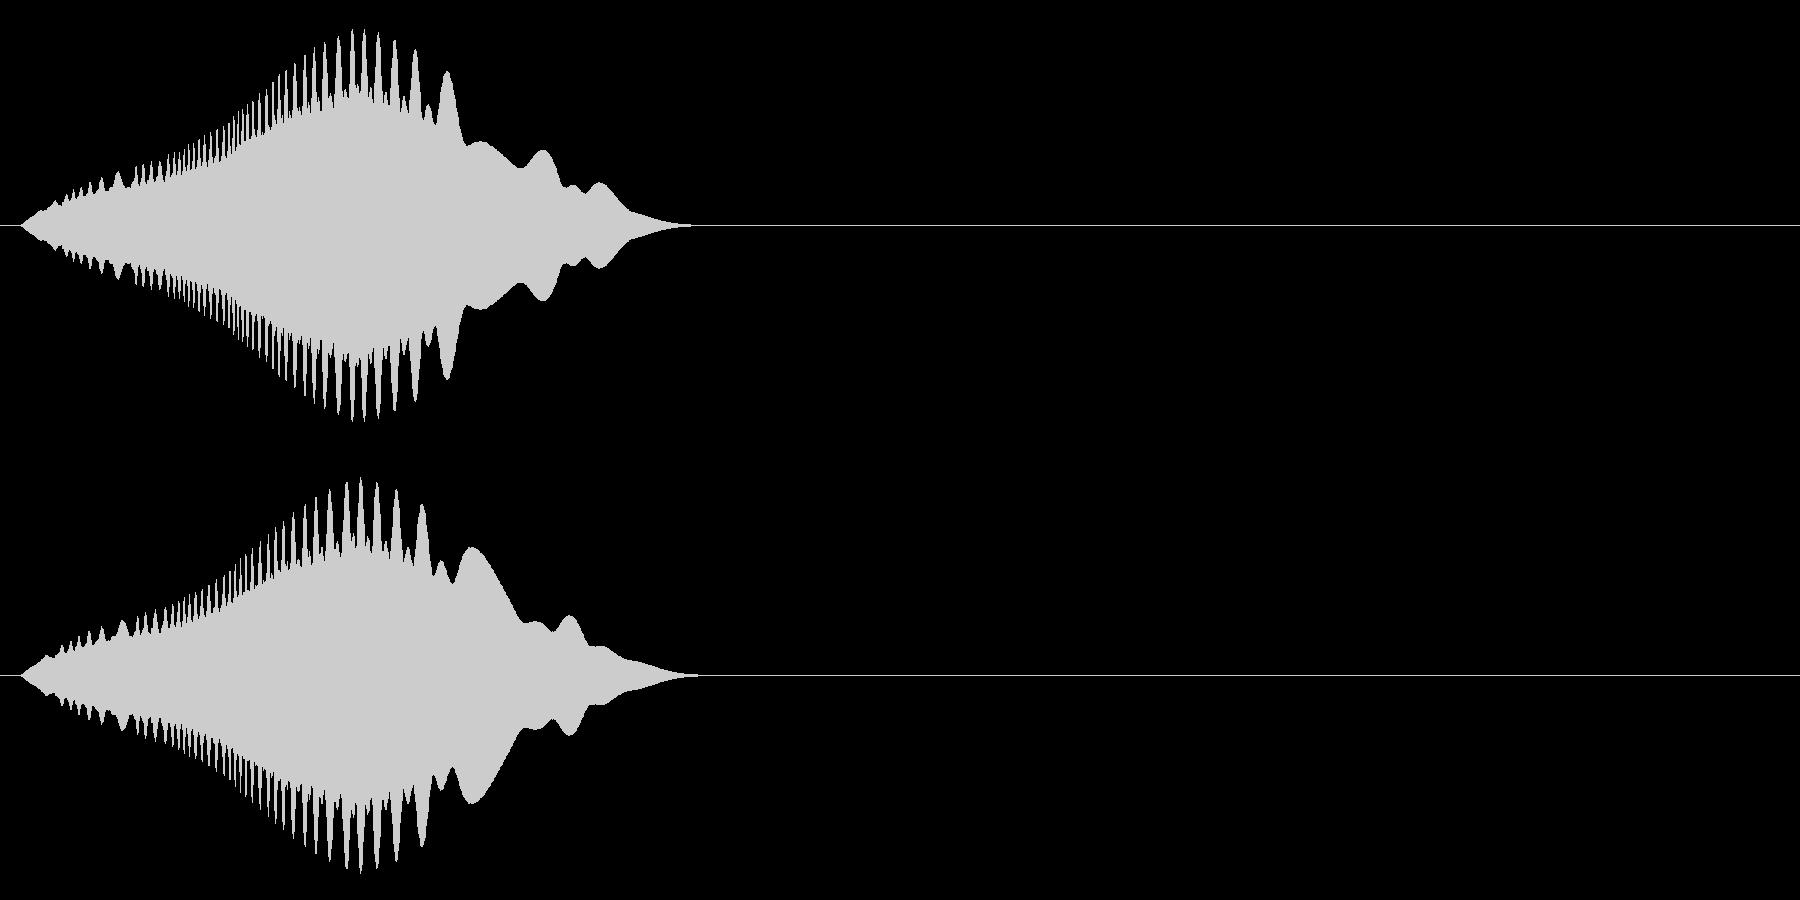 シンプルな効果音 ピィーユ⤵︎ ジャンプの未再生の波形